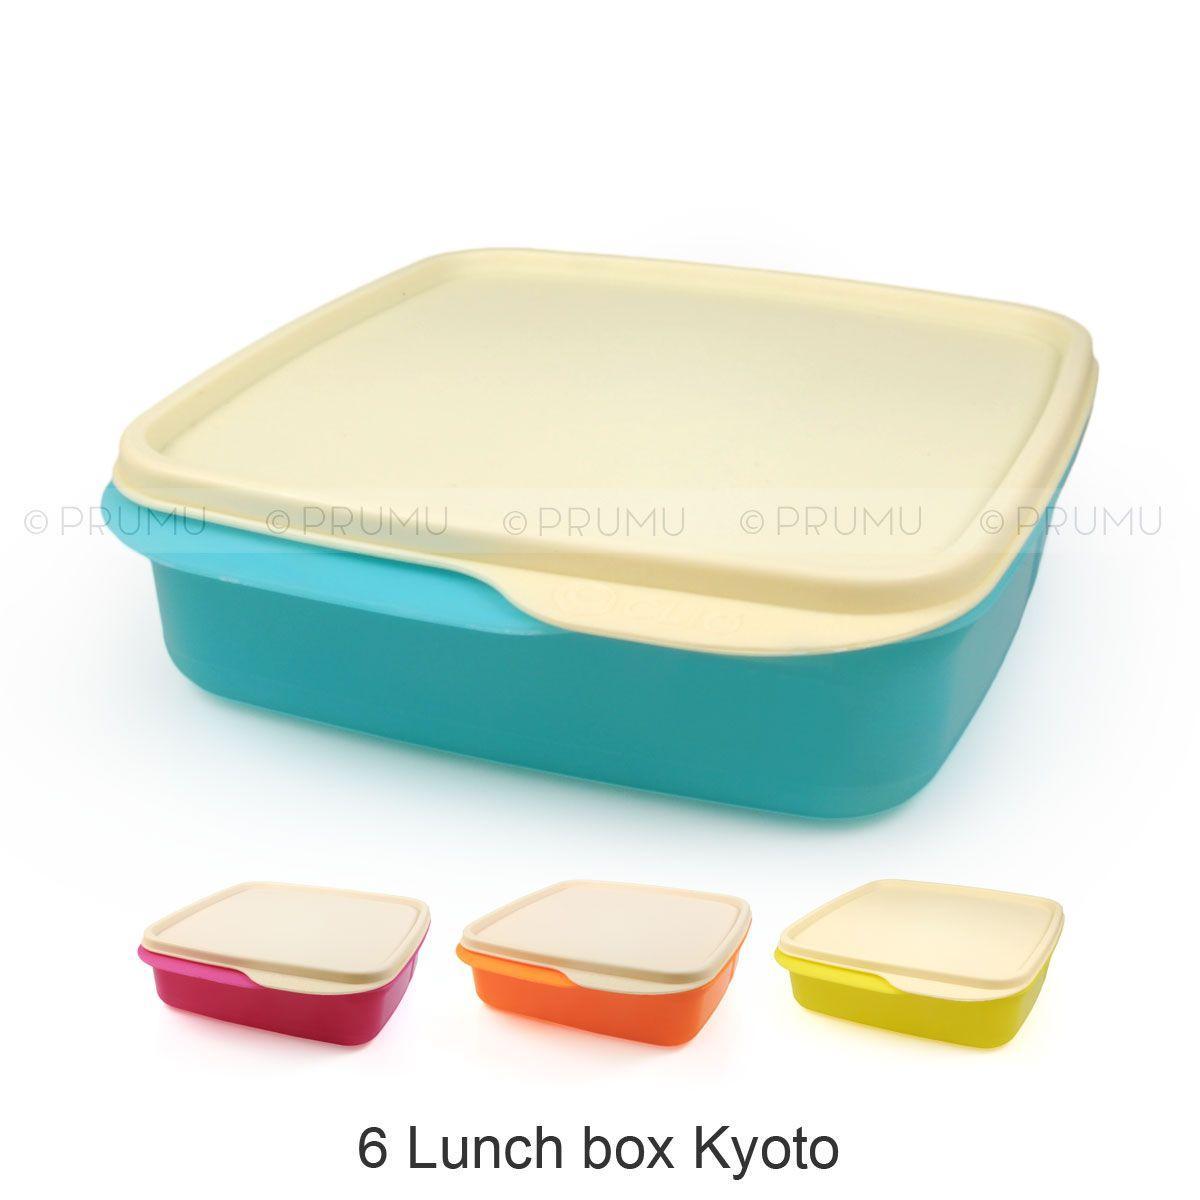 Diva Davi Lunch Box Clio Kotak Isi 6 Pcs Spec Dan Daftar Harga Fortaleza Blue H475b6 Makan Bento Catering Souvenir Ulang Tahun Kyoto